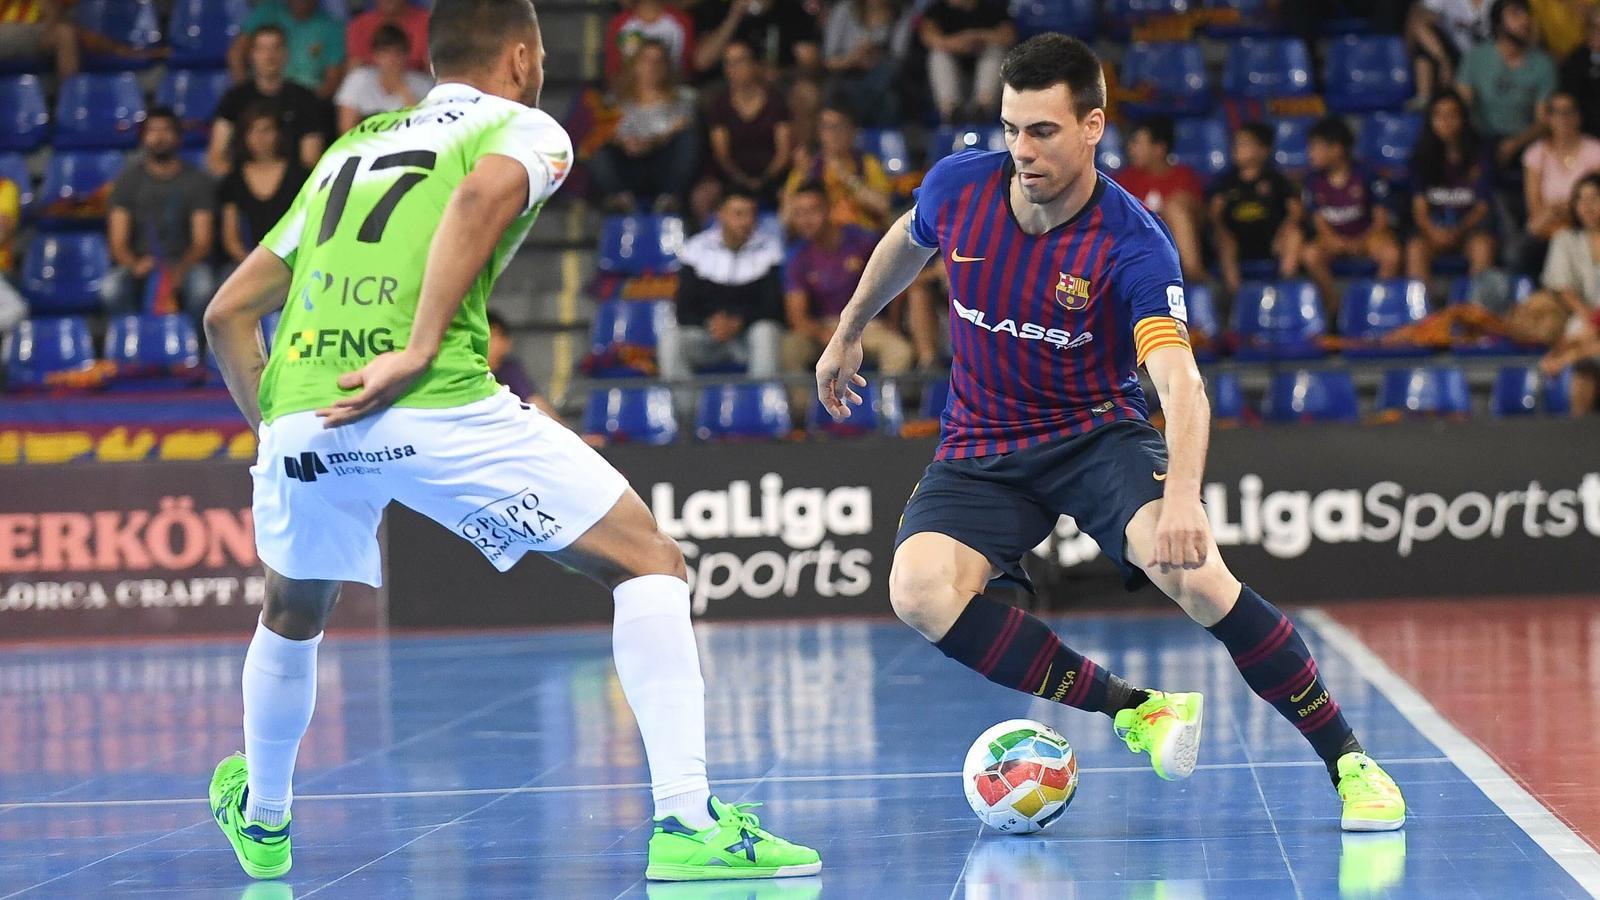 El Barça Lassa s'encomana als penals per superar al Palma Futsal